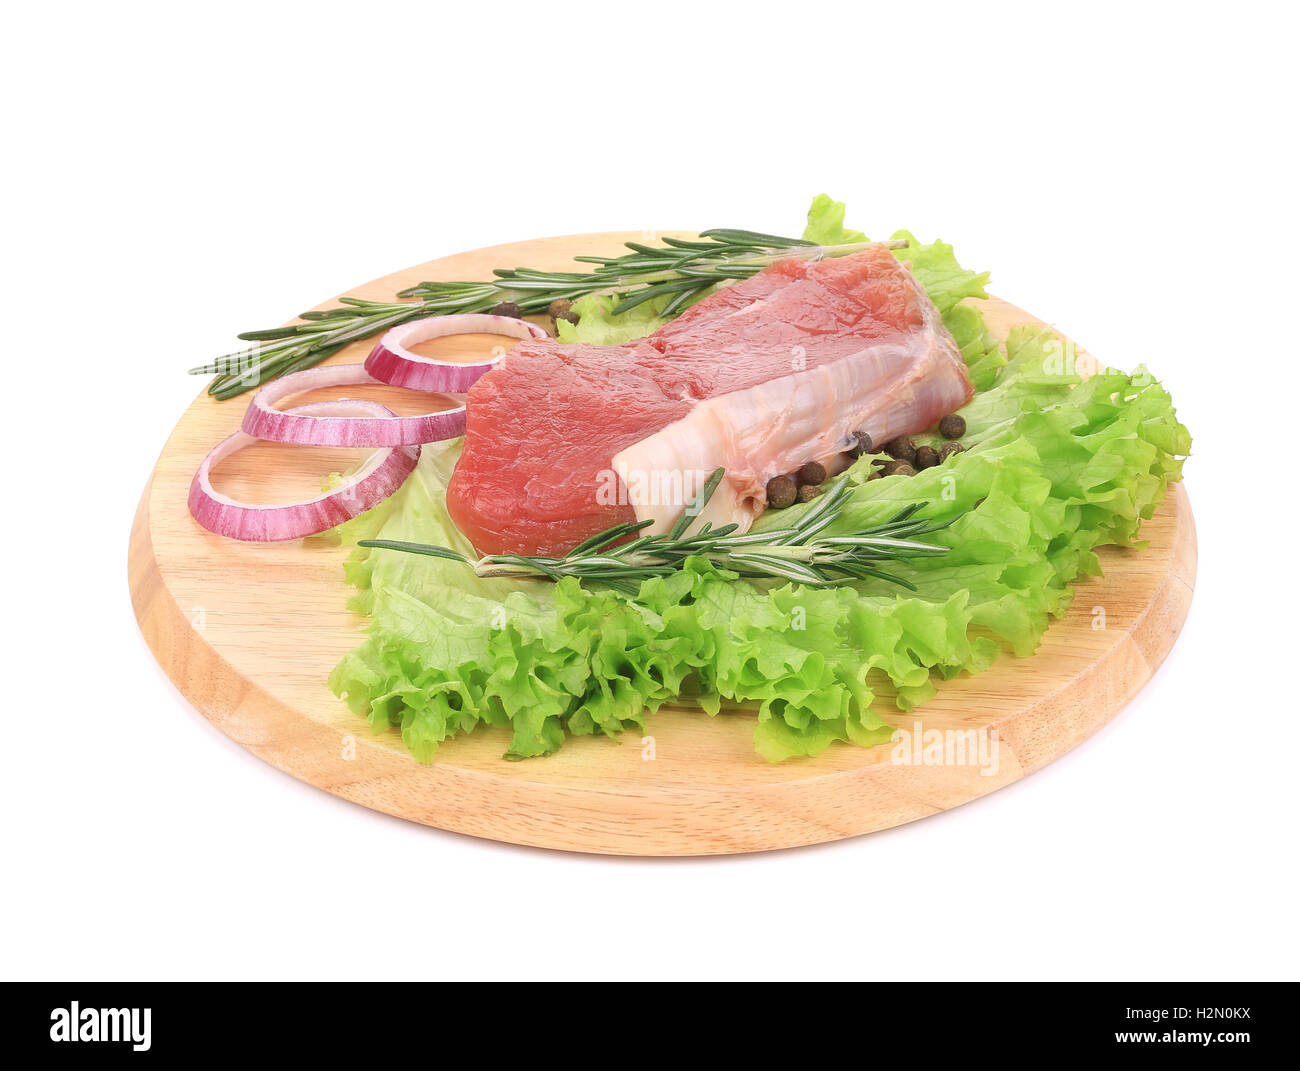 Materias bistec en el plato. Foto de stock